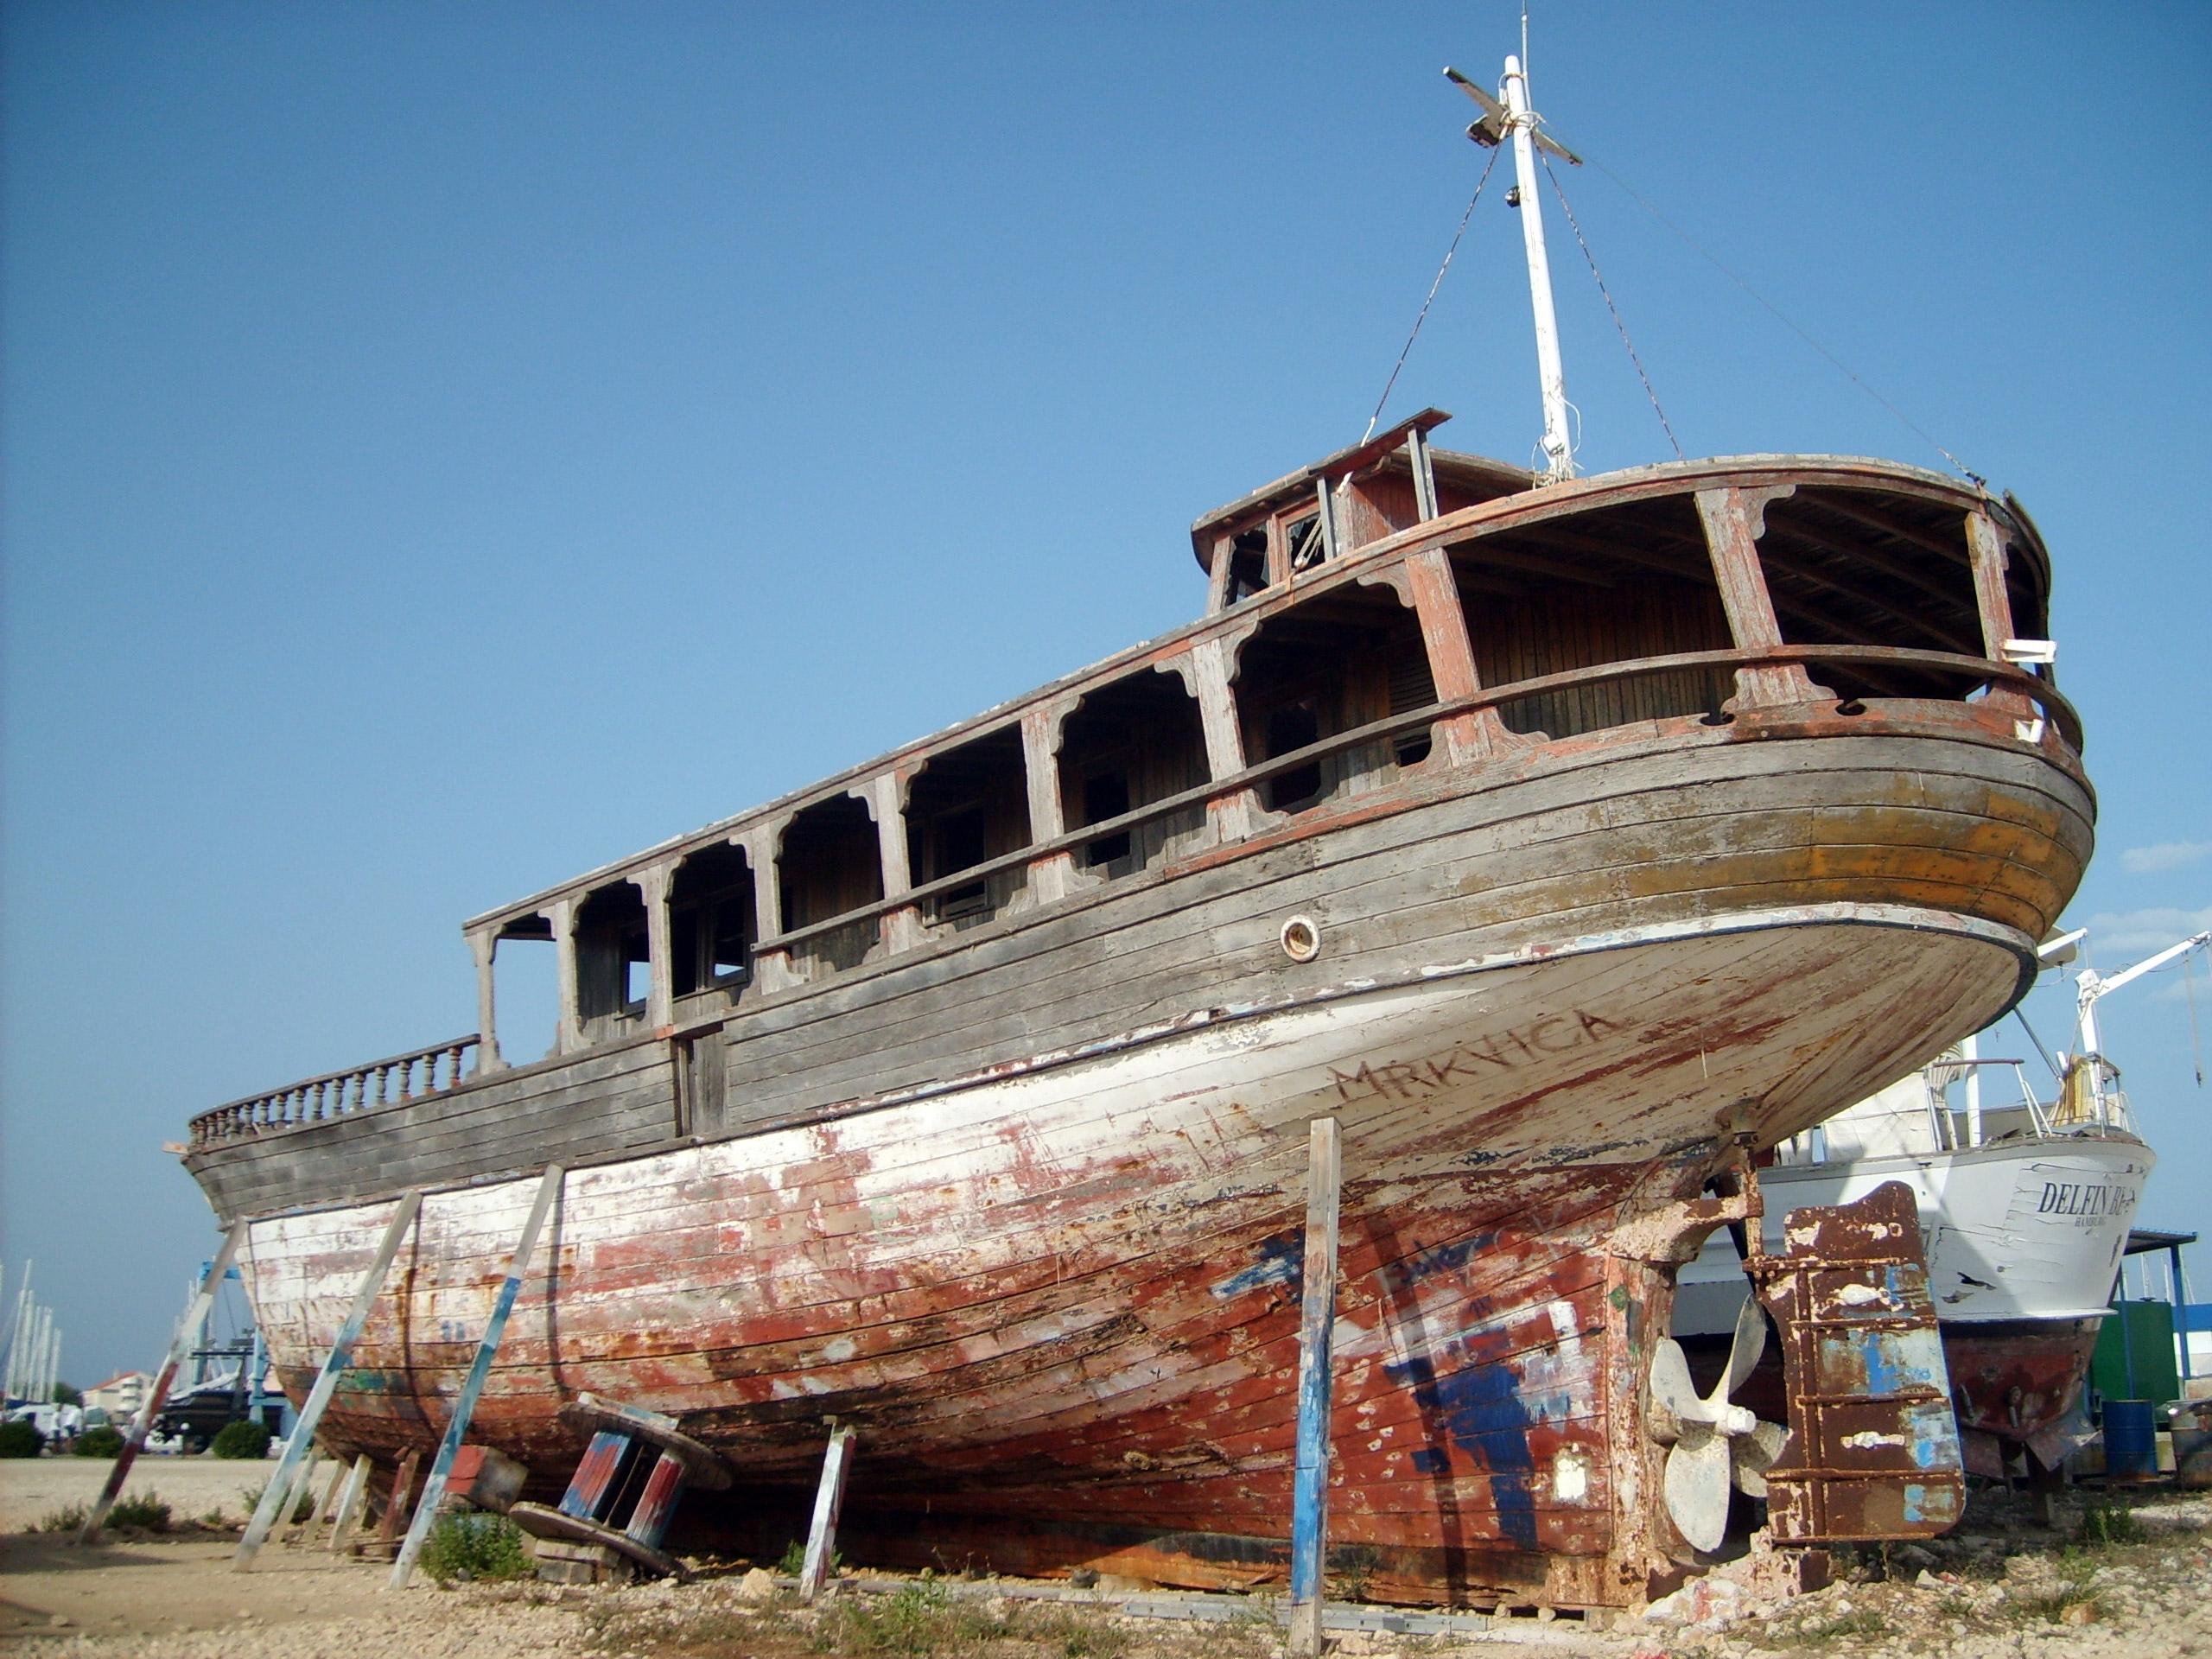 Free Image: Boat on dry land   Libreshot Public Domain Photos